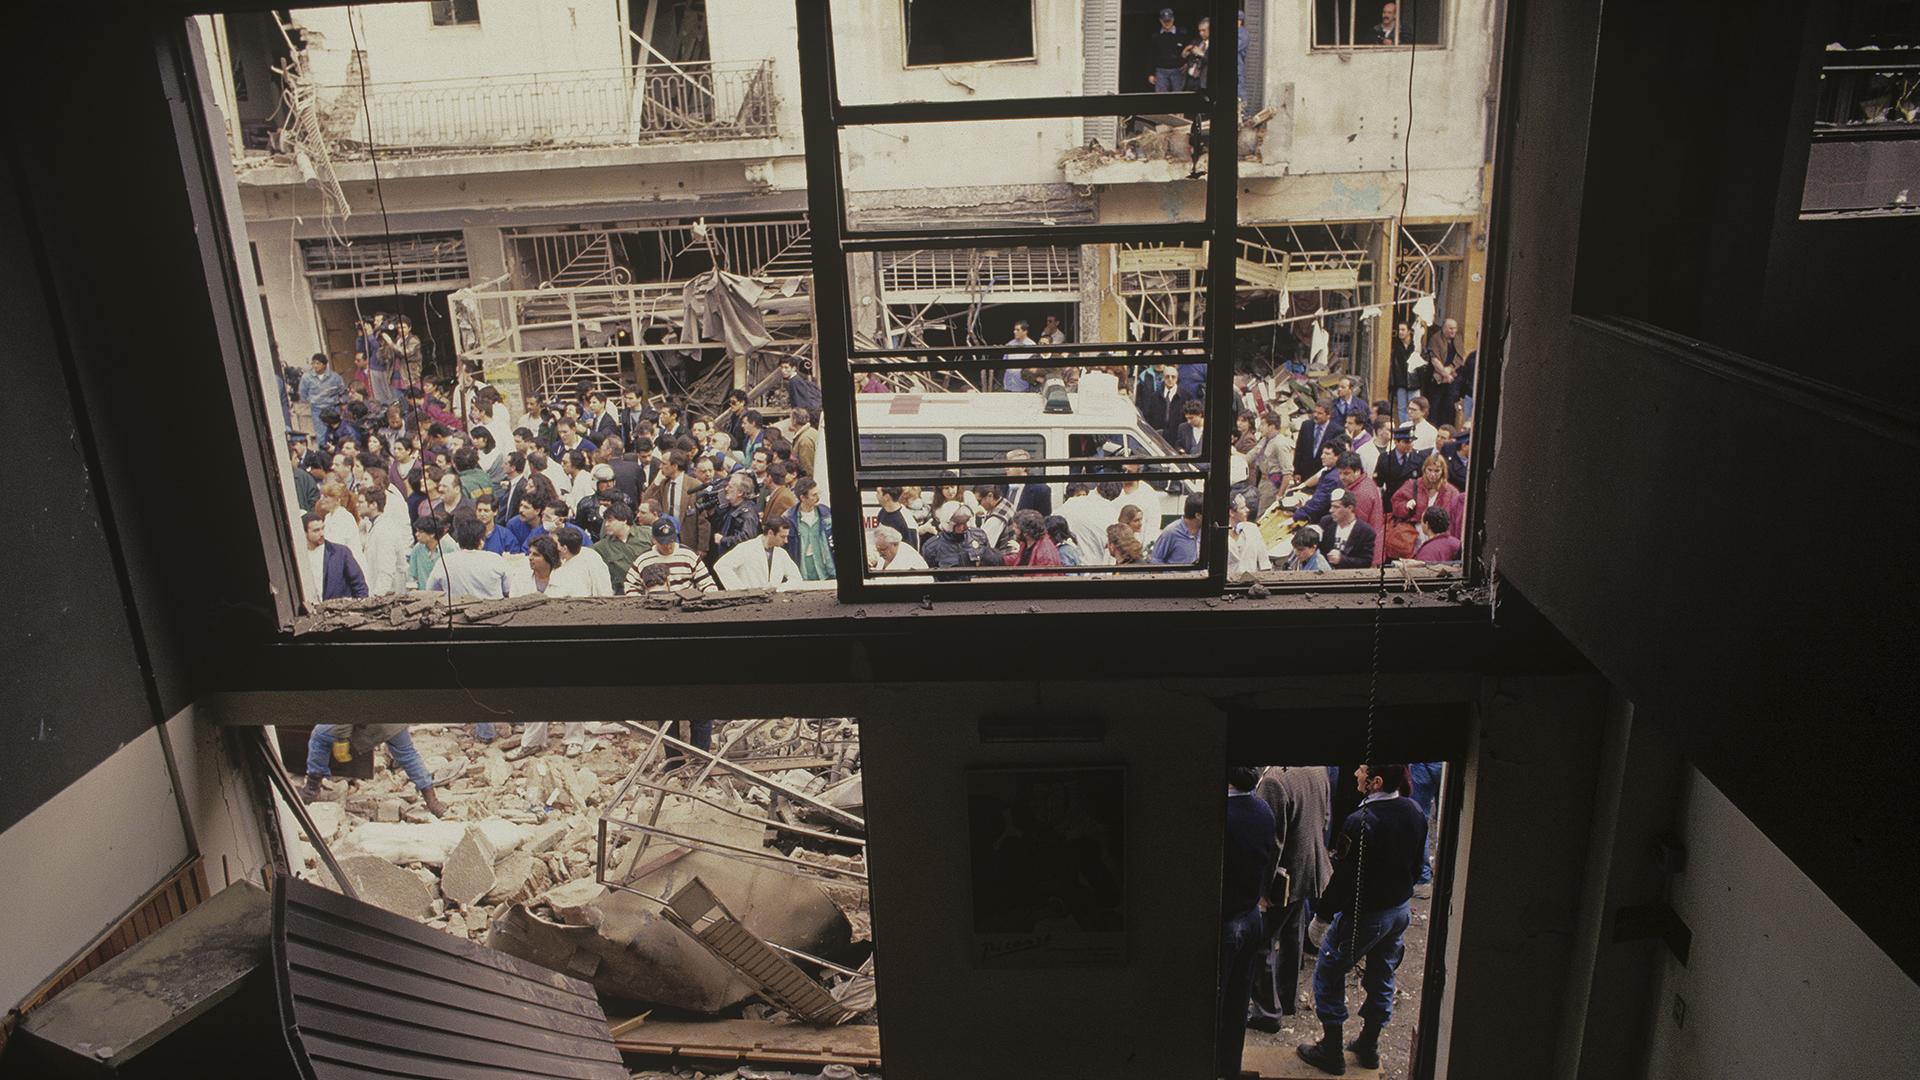 """Julio quiso subirse a un edificio lindero para fotografiar el desastre desde arriba, pero no lo dejaron porque había riesgo de derrumbe. """"Me pareció que desde adentro de una casa podía aportar un punto de vista distinto"""", consideró el reportero gráfico (Julio Menajovsky)"""